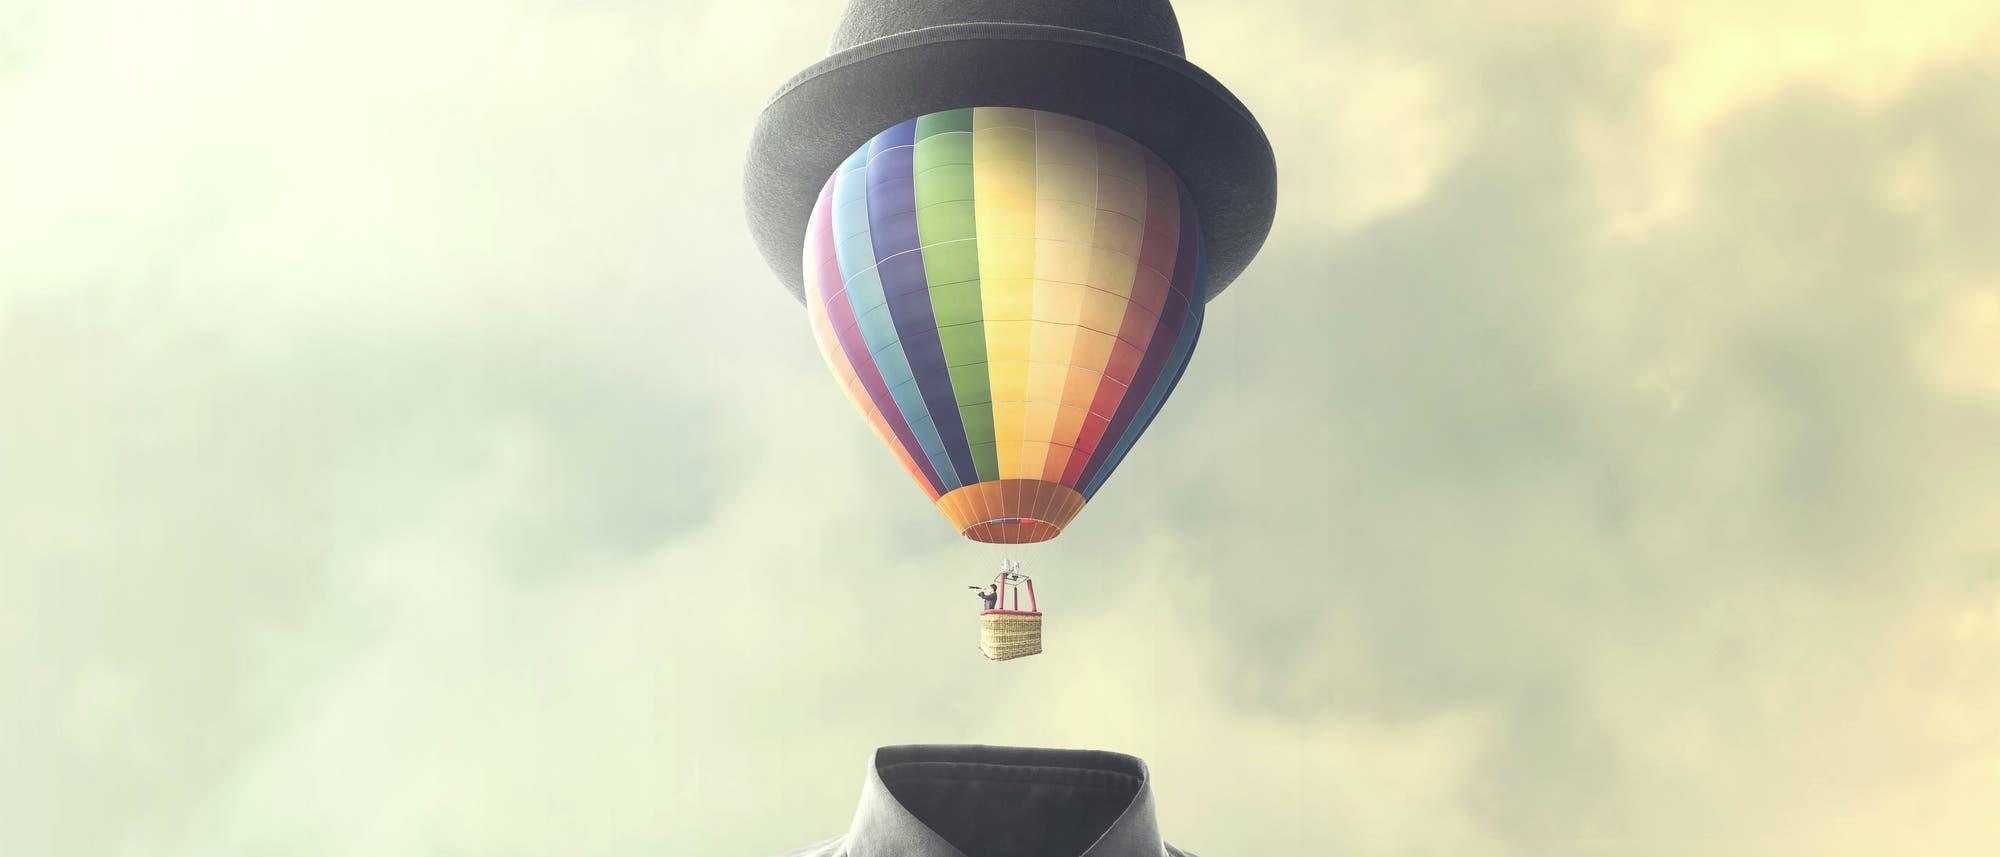 Ein heißluftballonförmiger Kopf hebt vom Körper ab, im schwebenden Korb sitzt ein Mensch und guckt durch ein Fernrohr.